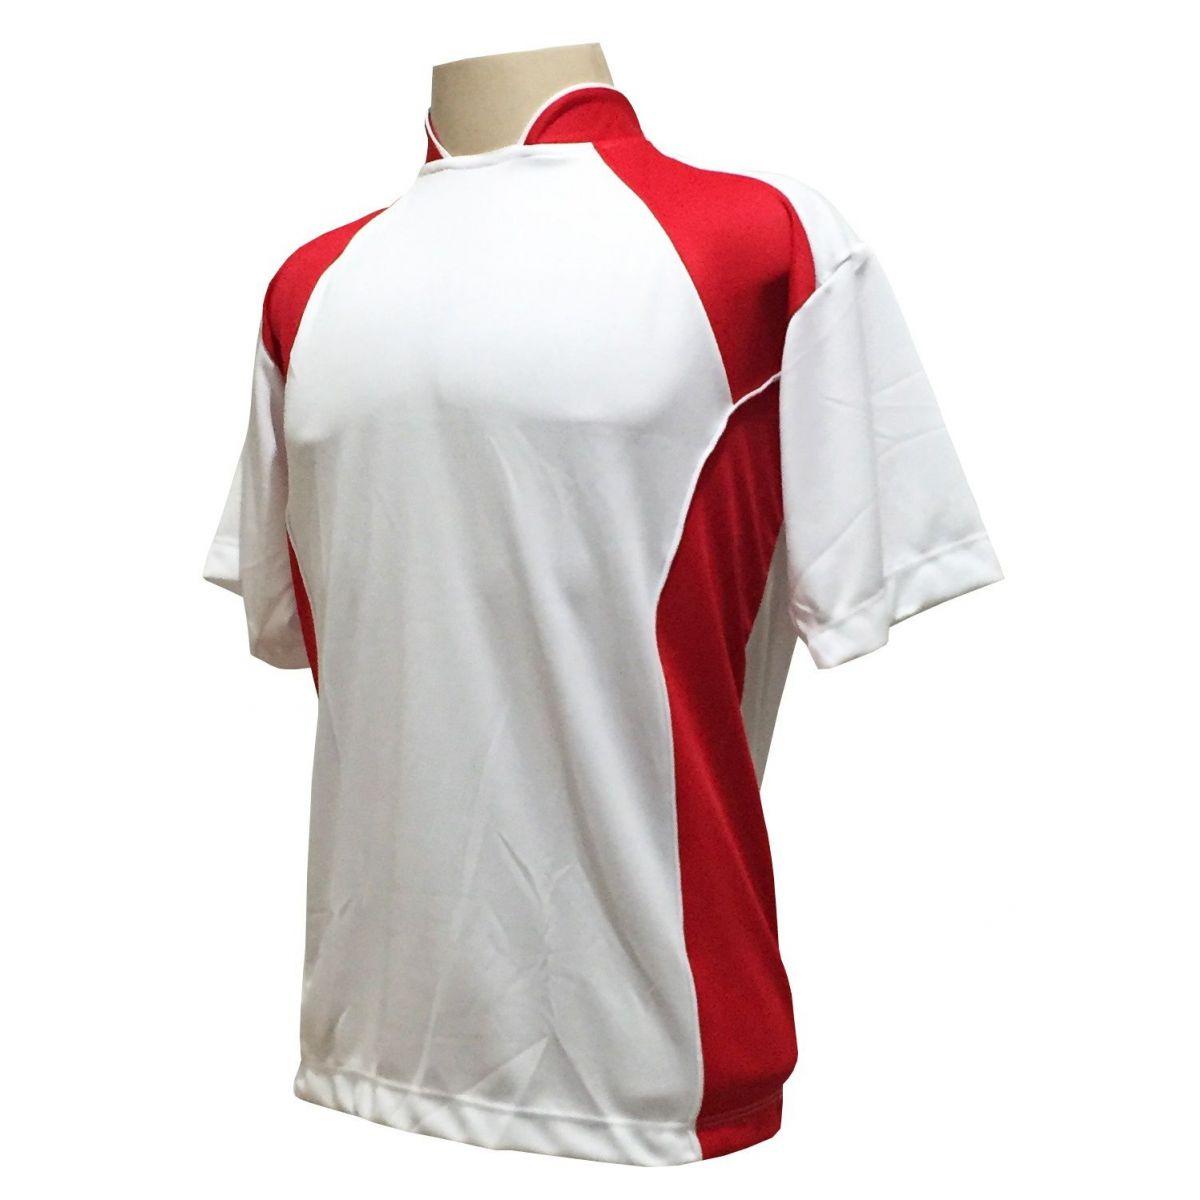 Uniforme Esportivo com 14 camisas modelo Suécia Branco/Vermelho + 14 calções modelo Madrid Vermelho + Brindes